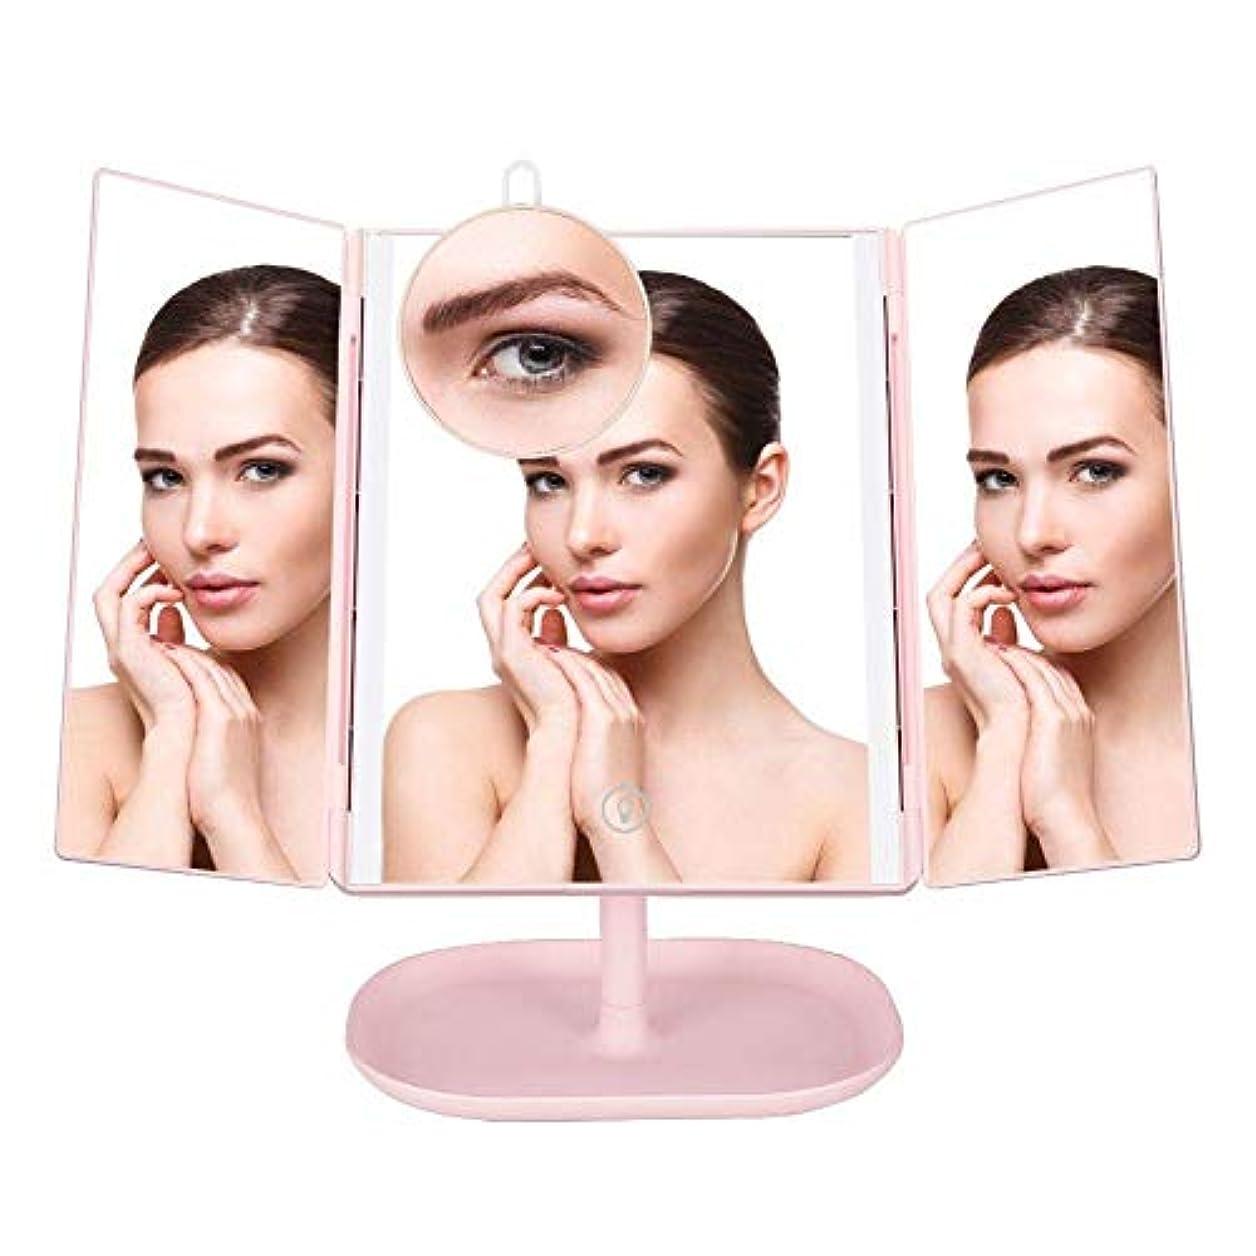 非常に怒っています影国内の化粧鏡 DAOEJP 鏡 女優ミラー LEDライト 卓上 鏡 10倍拡大鏡付き 折りたたみ 角度自由調整 180°回転 電池式 USB充電